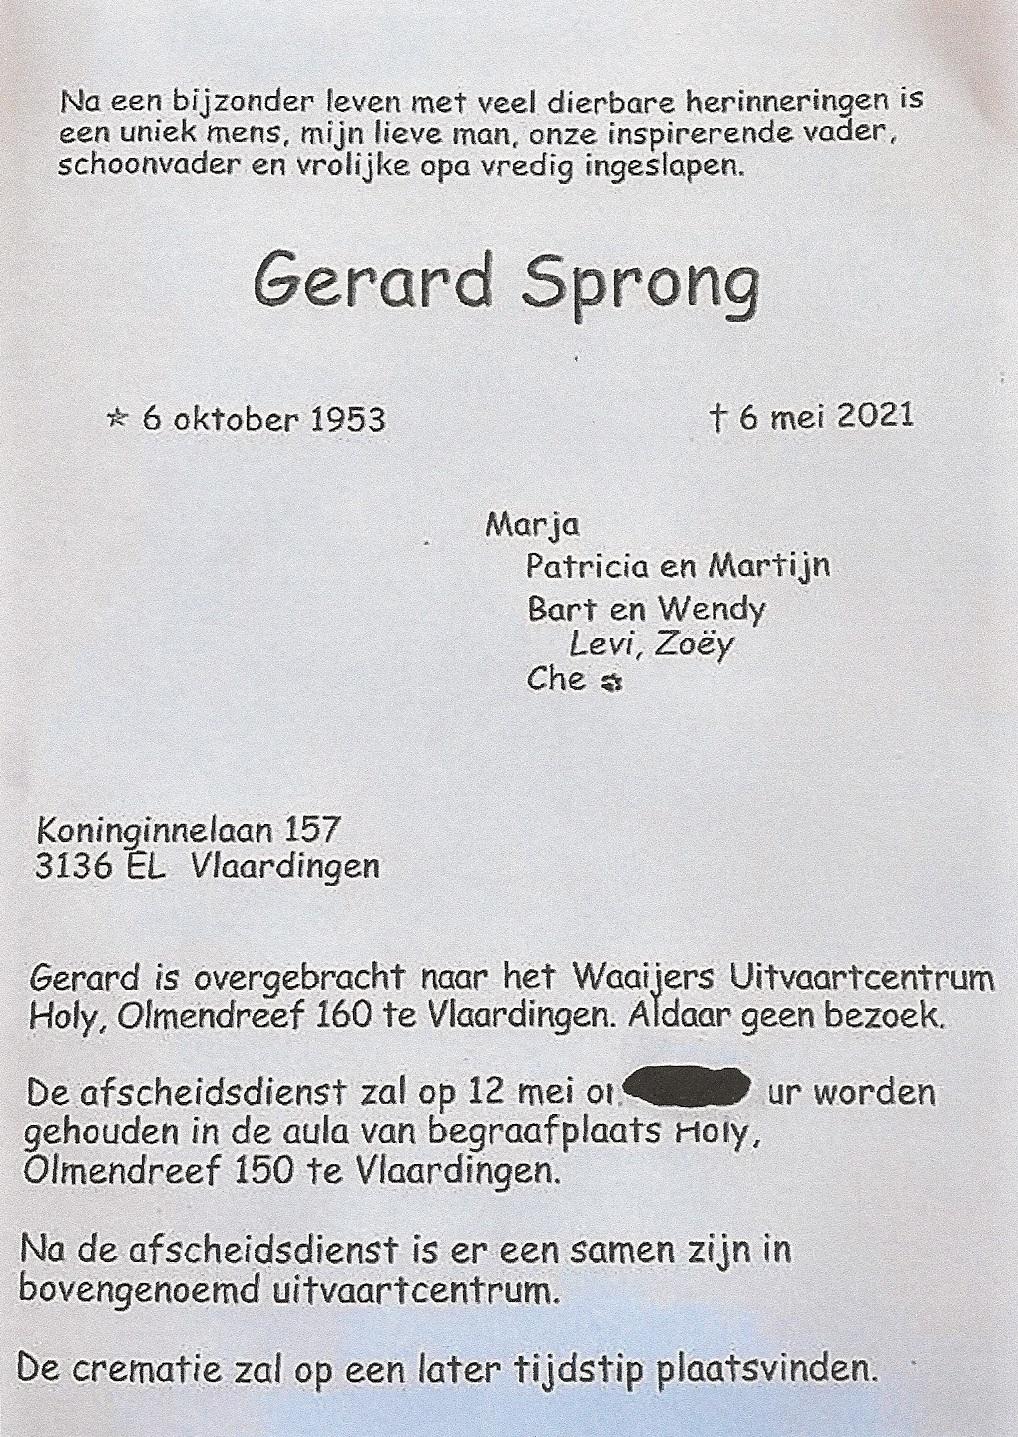 gerard-sprong